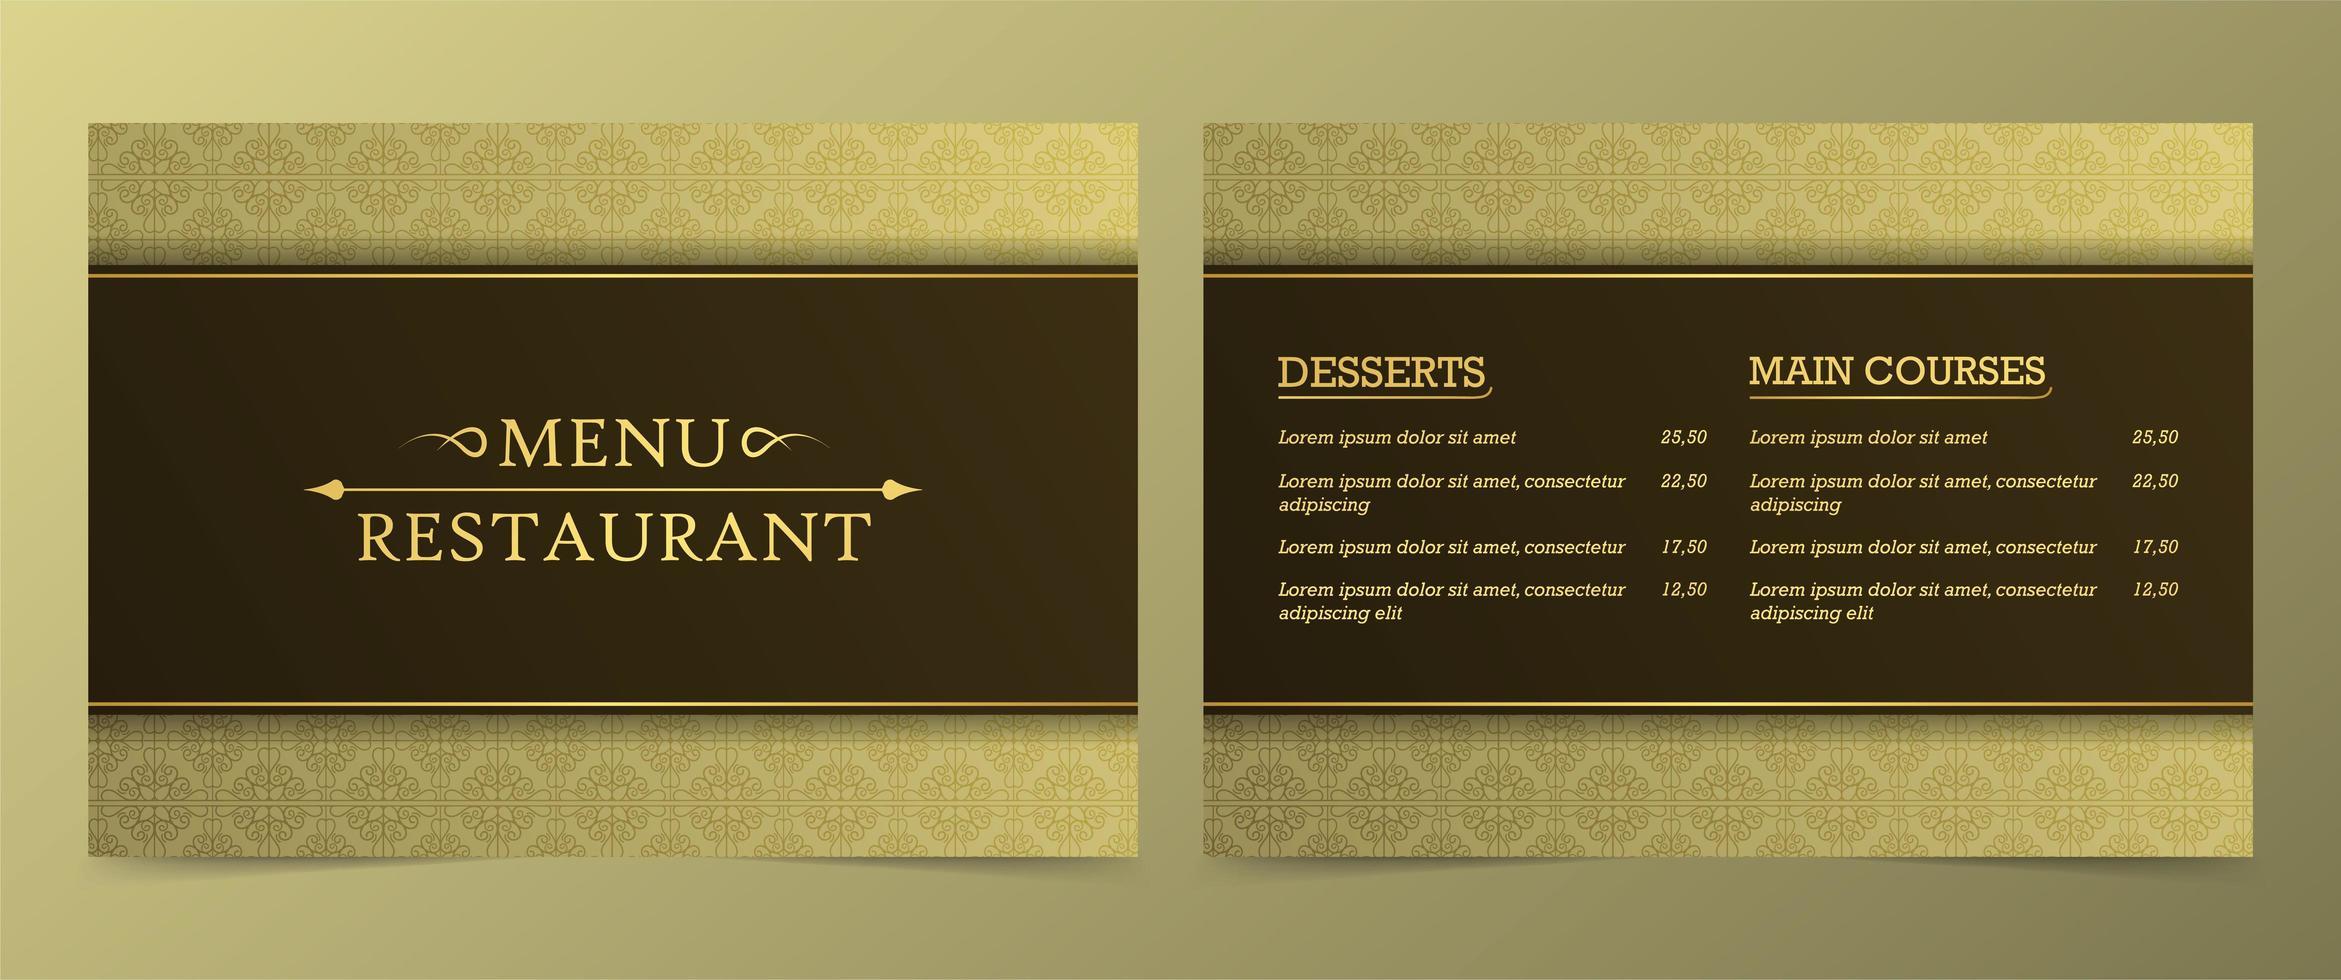 golden gemusterte Restaurantkarte vektor